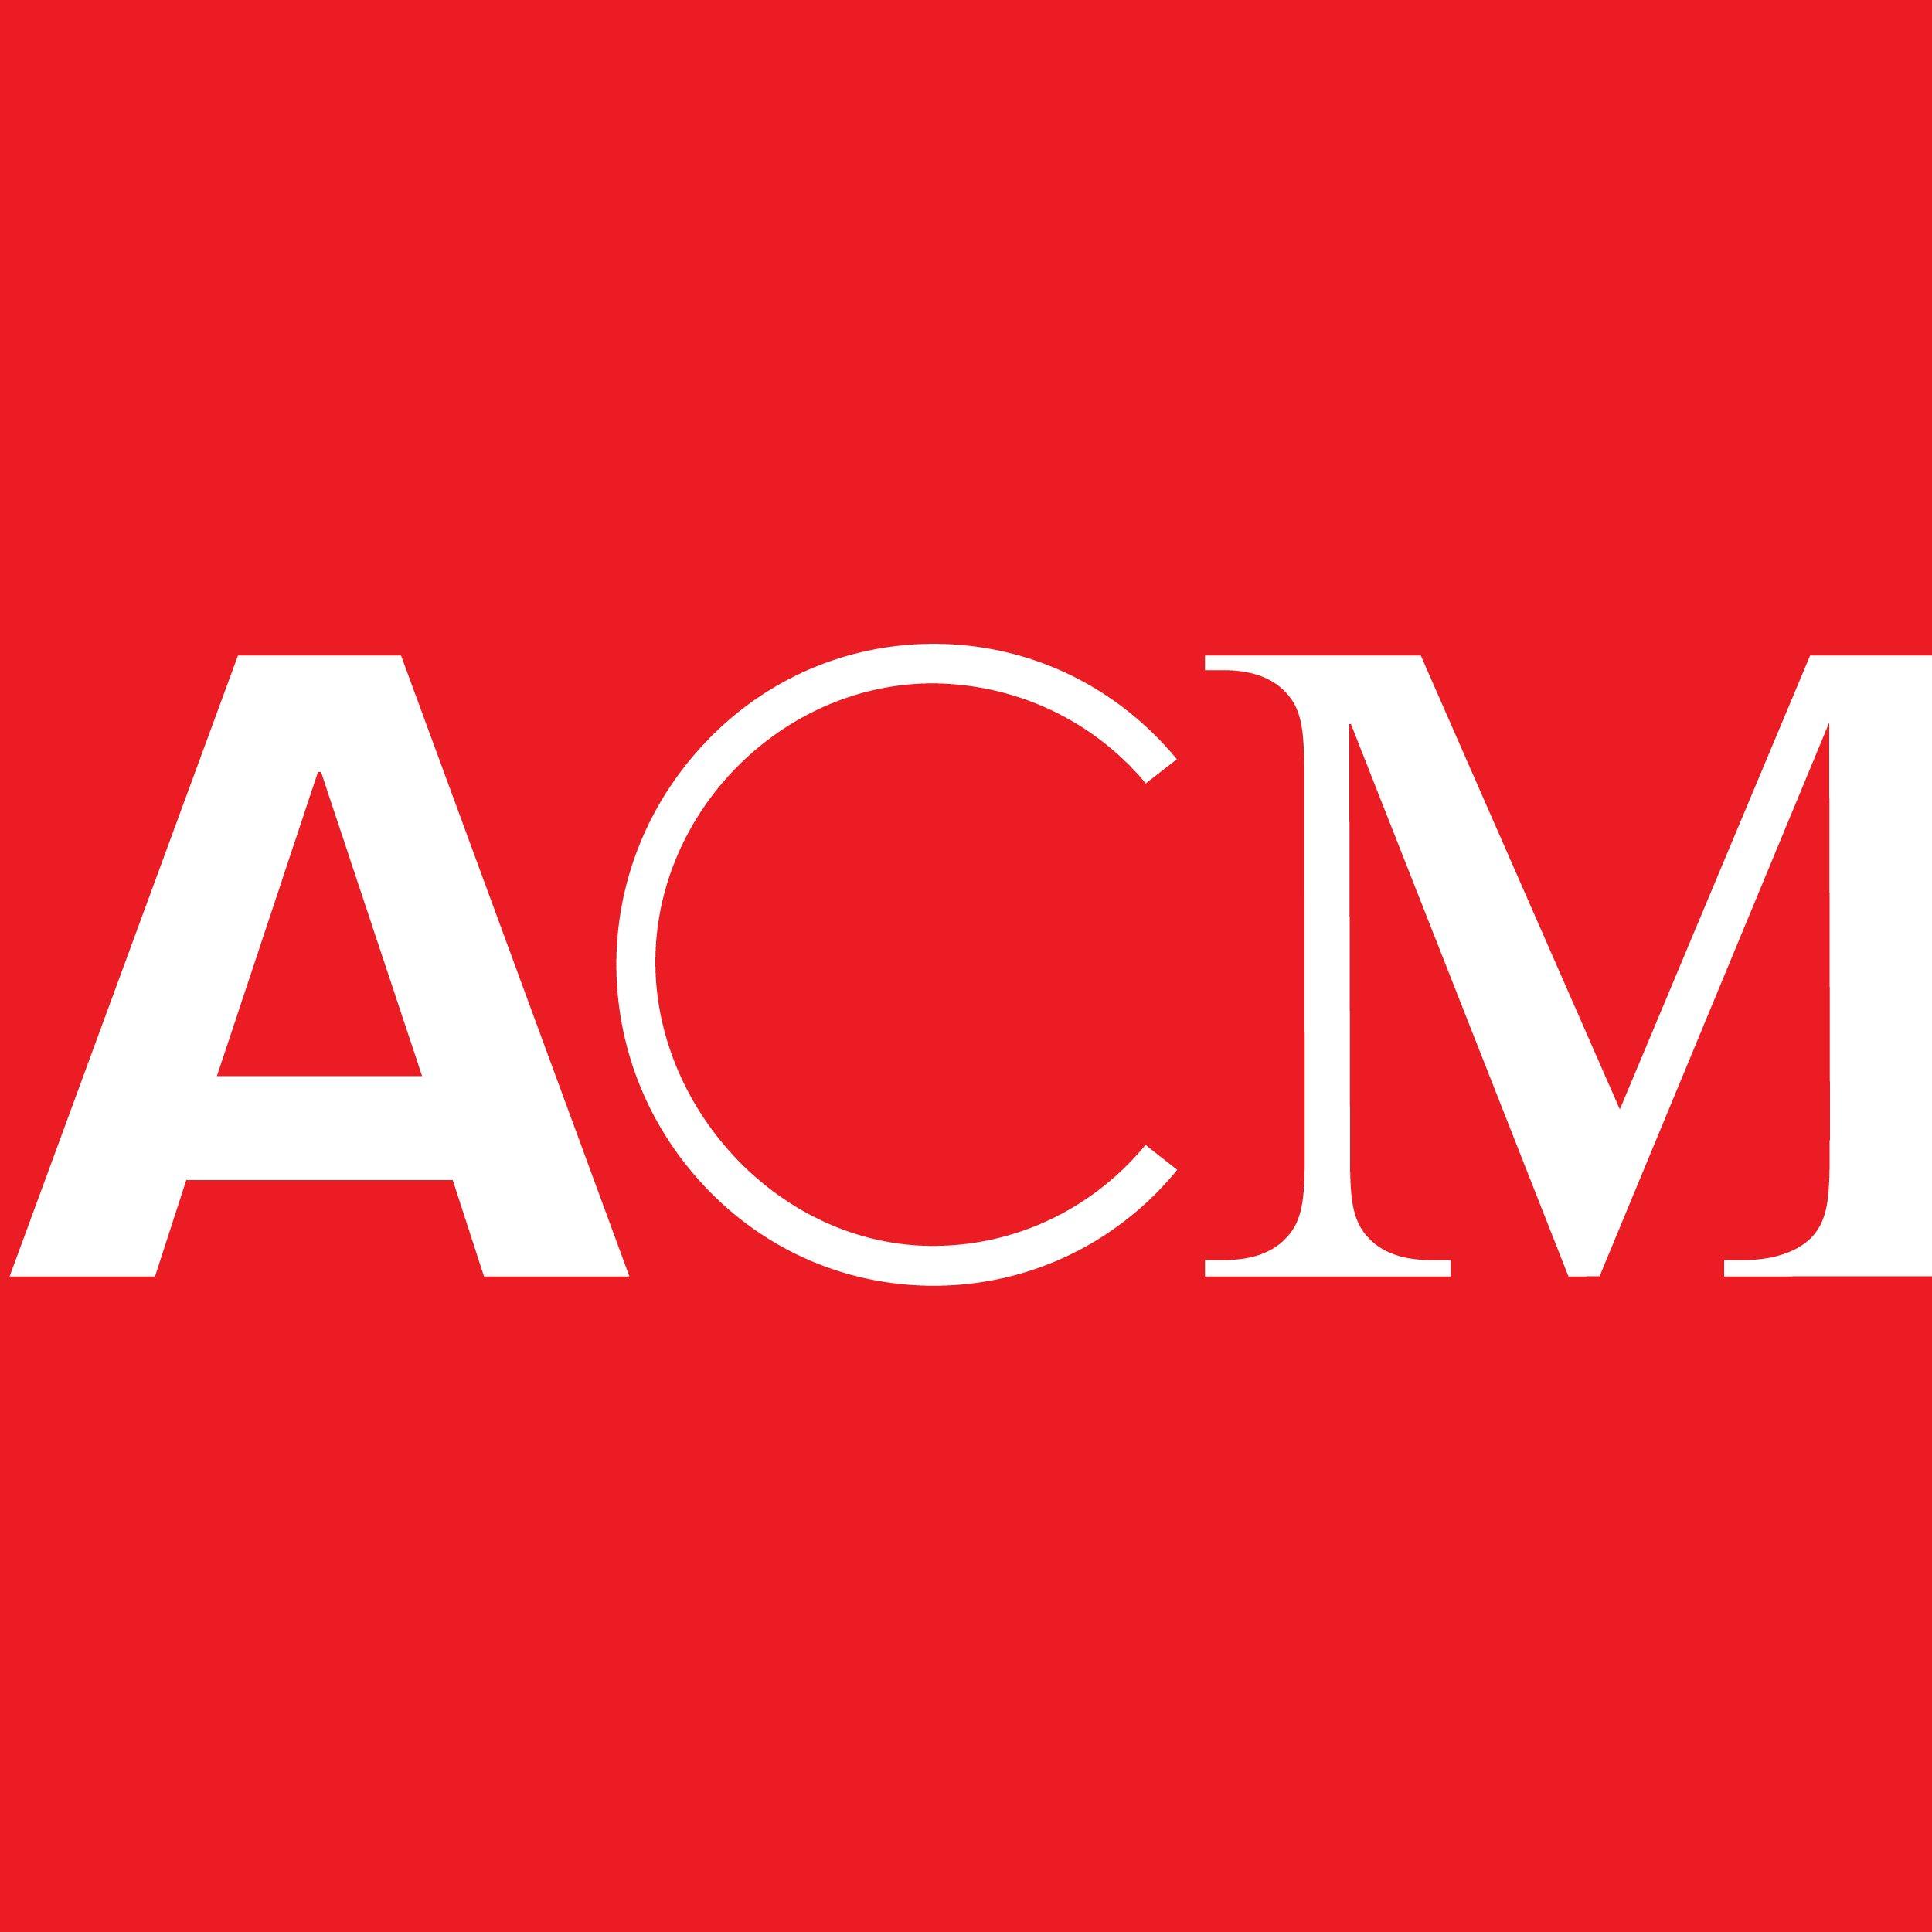 Acm Logo 01